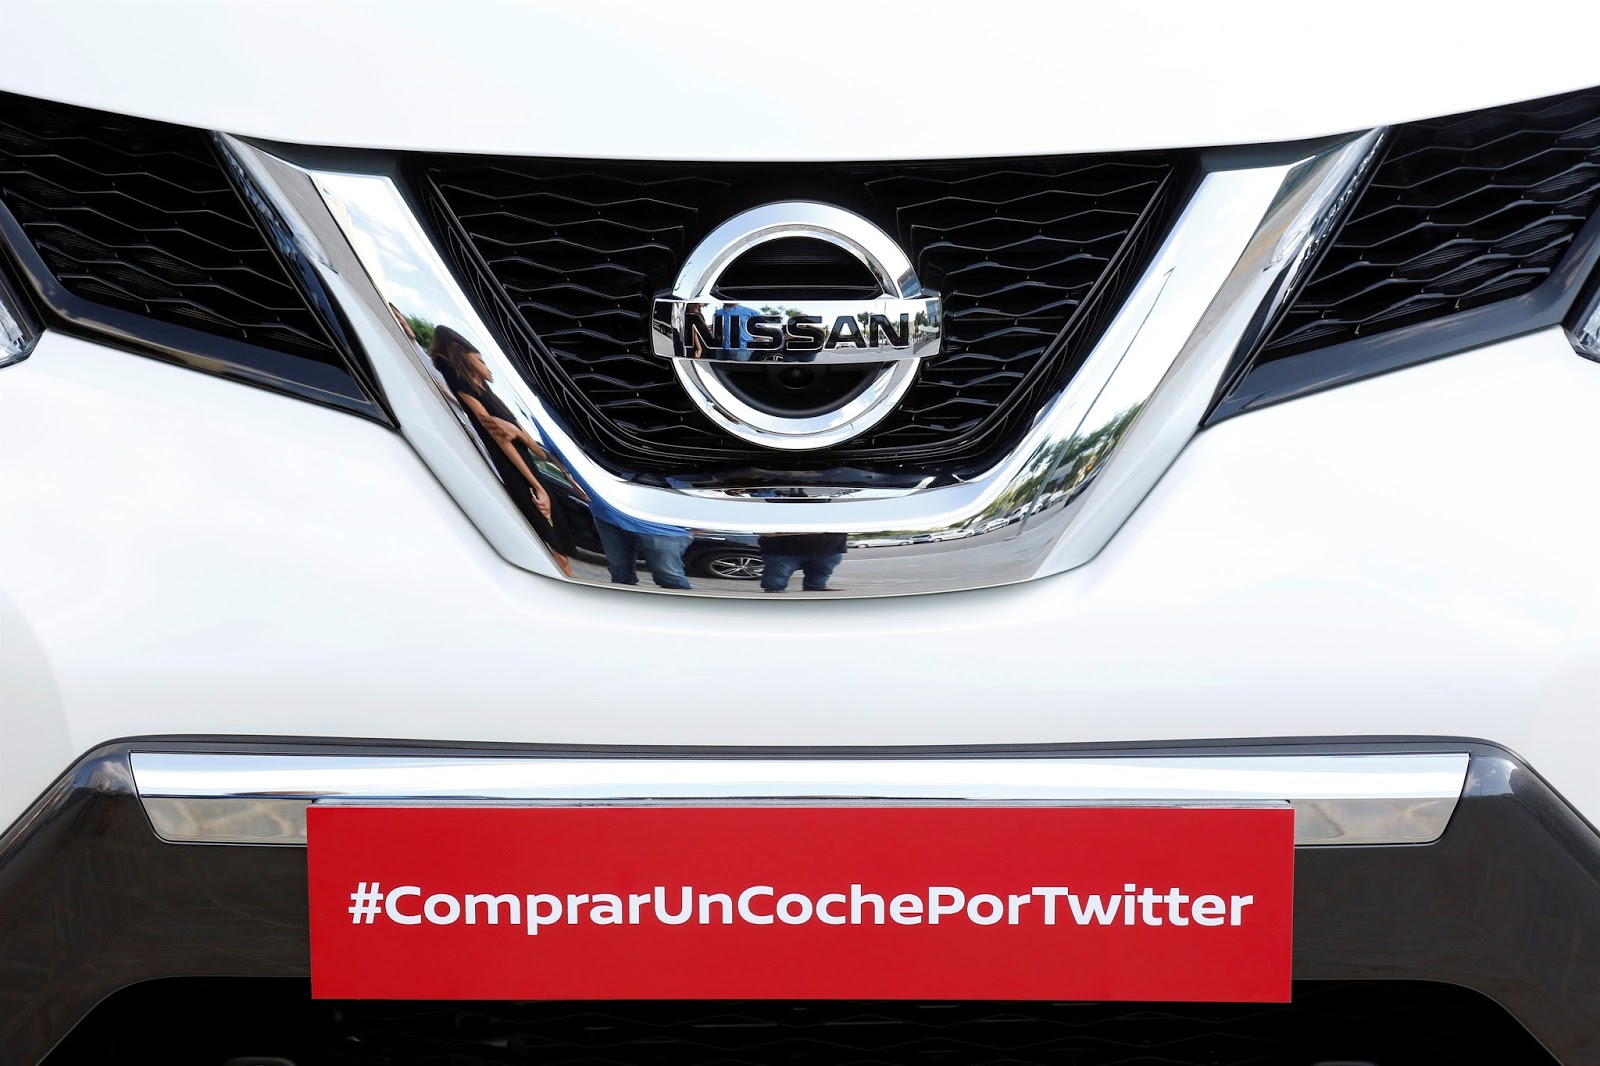 Πανευρωπαϊκή πρωτιά για την Nissan στην πώληση αυτοκινήτου μέσω Twitter